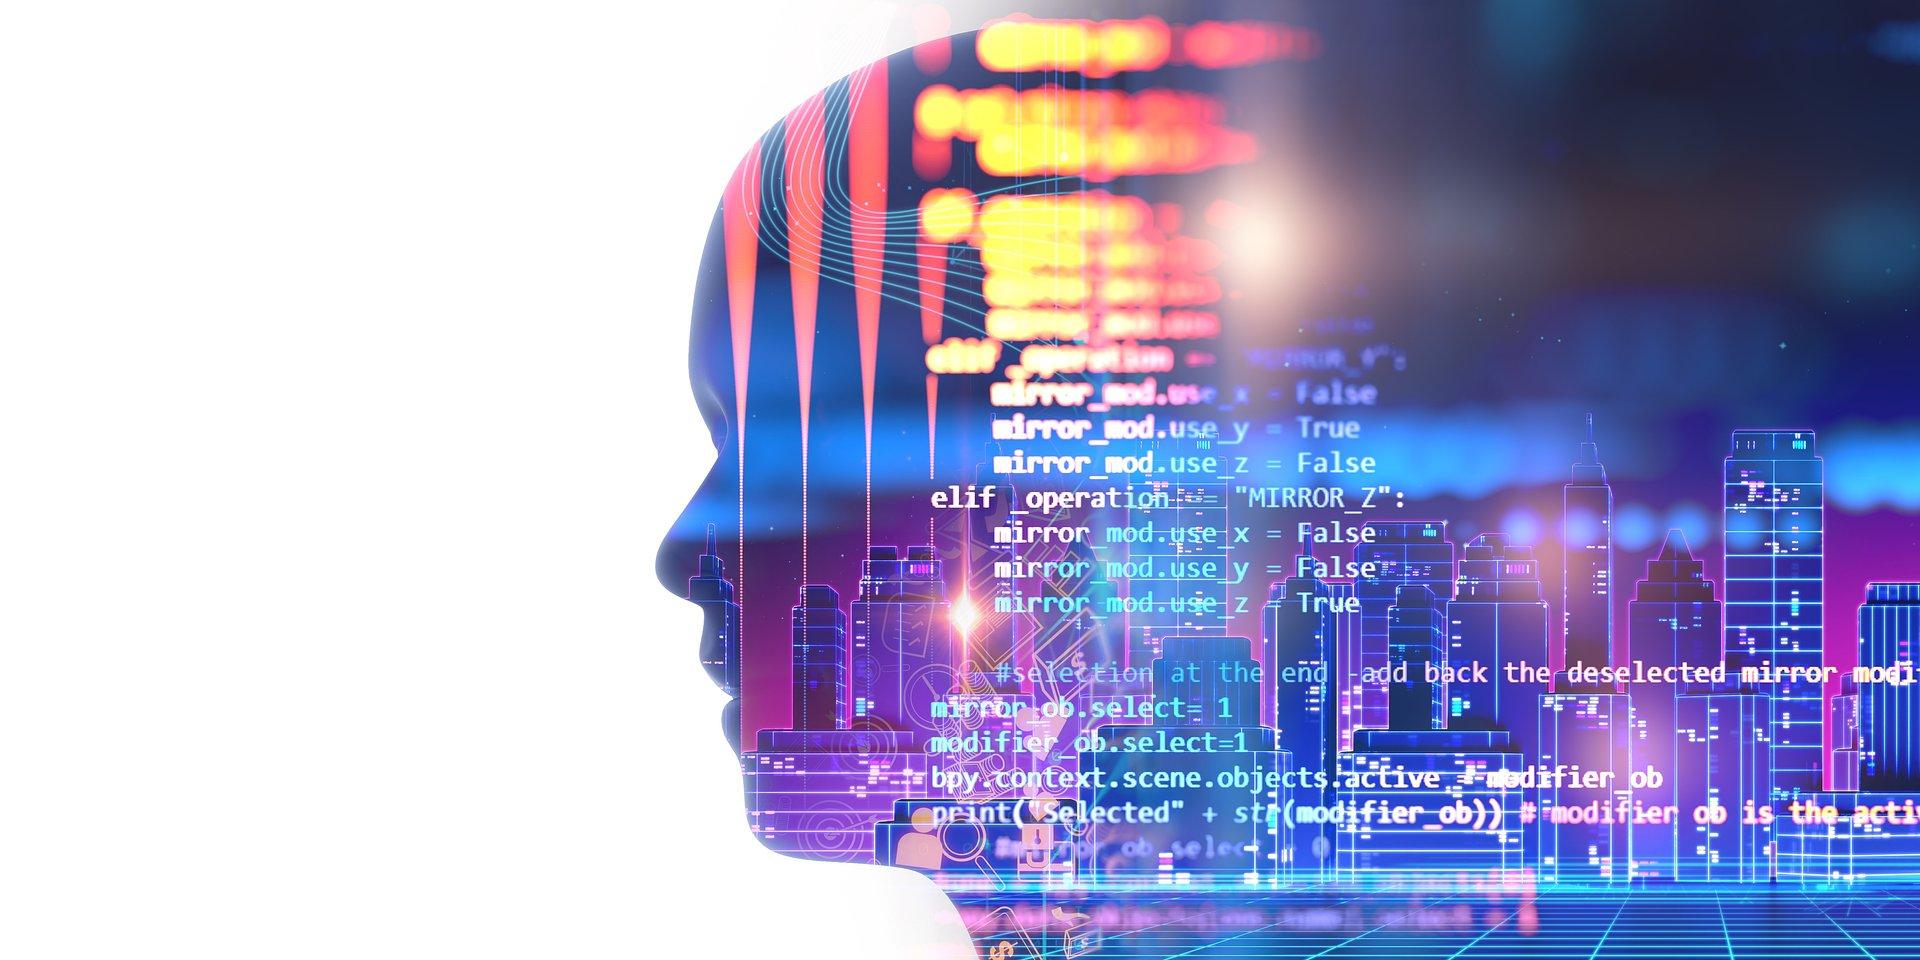 Eksperci zajmujący się sztuczną inteligencją pilnie poszukiwani